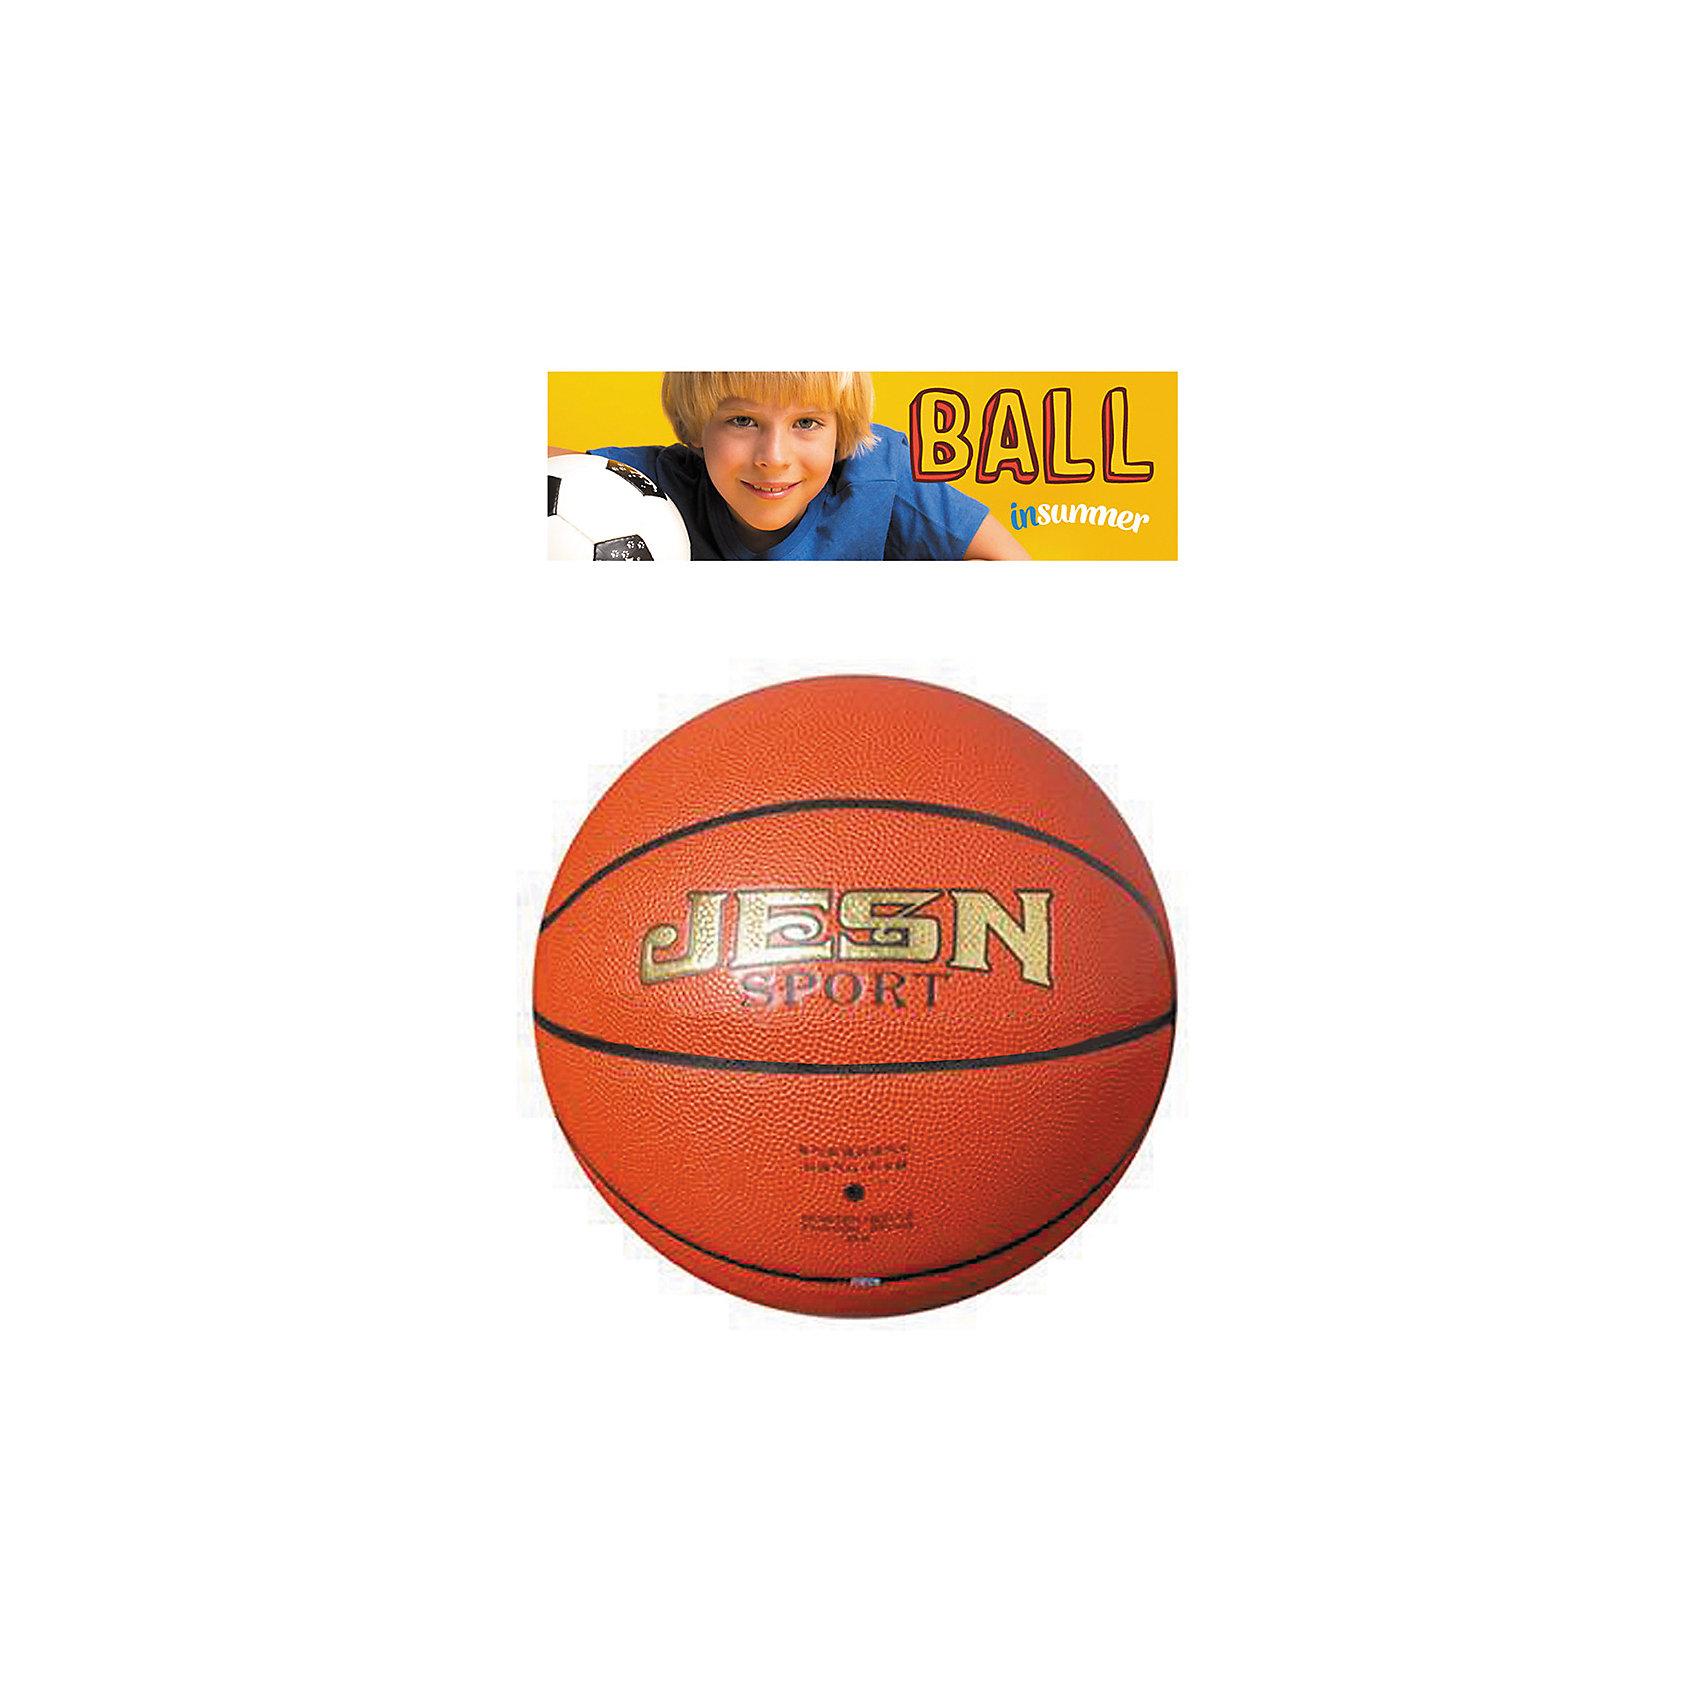 Баскетбольный мяч Классика, ЛетоМяч Классика создан специально для любителей баскетбола. Он изготовлен из качественных материалов, обеспечивающих высокую прочность. Оранжевый мяч украшен черной надписью. Прекрасный выбор для юных волейболистов!<br><br>Дополнительная информация:<br>Материал: резина, текстиль<br>Вес: 400 грамм<br>Мяч Классика вы можете приобрести в нашем интернет-магазине.<br><br>Ширина мм: 100<br>Глубина мм: 1000<br>Высота мм: 220<br>Вес г: 400<br>Возраст от месяцев: 36<br>Возраст до месяцев: 192<br>Пол: Мужской<br>Возраст: Детский<br>SKU: 4753595